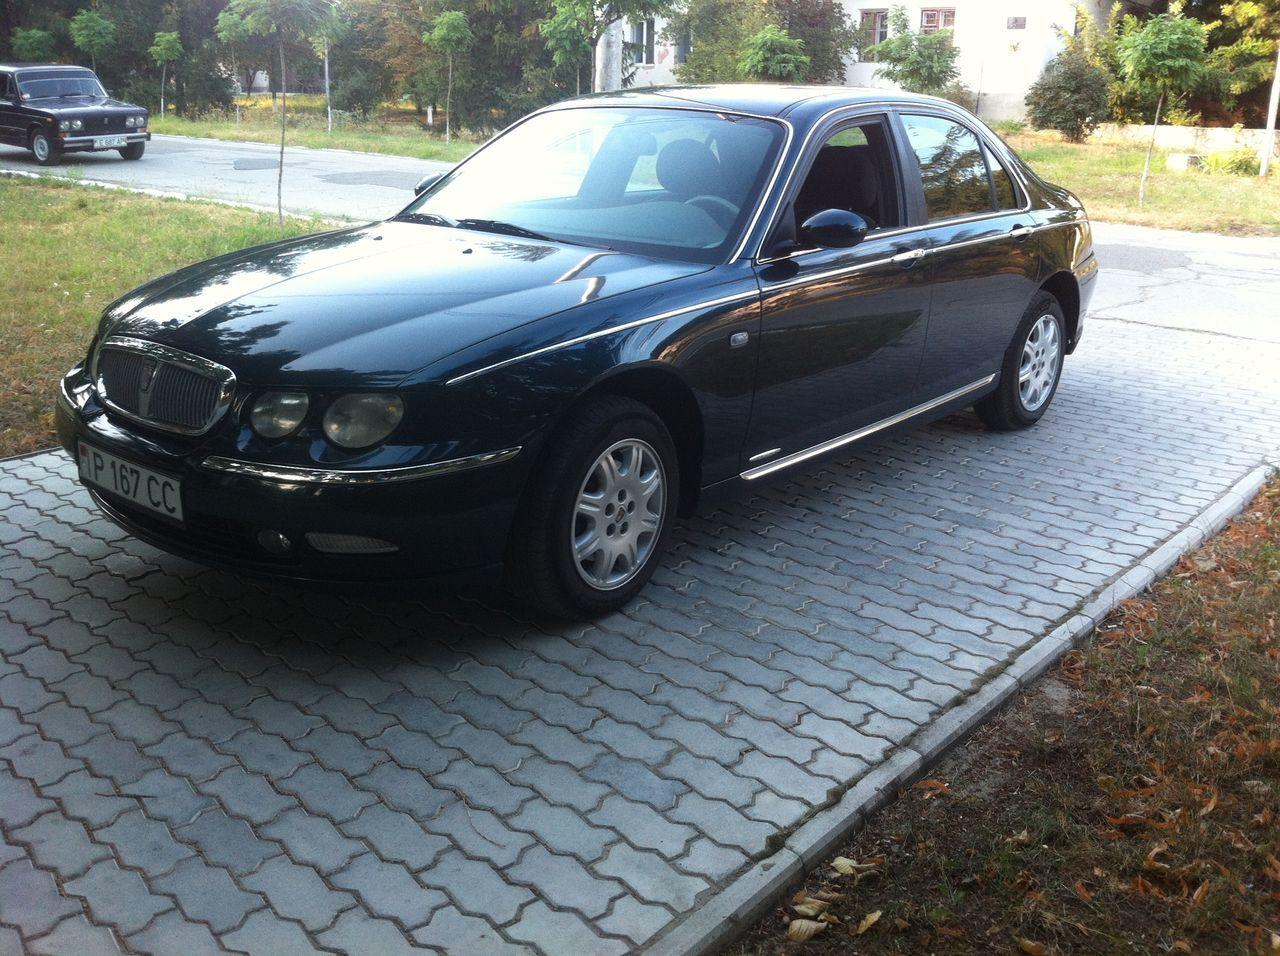 Продам!!! Rover 75. В отличном состояние!!! 2700$